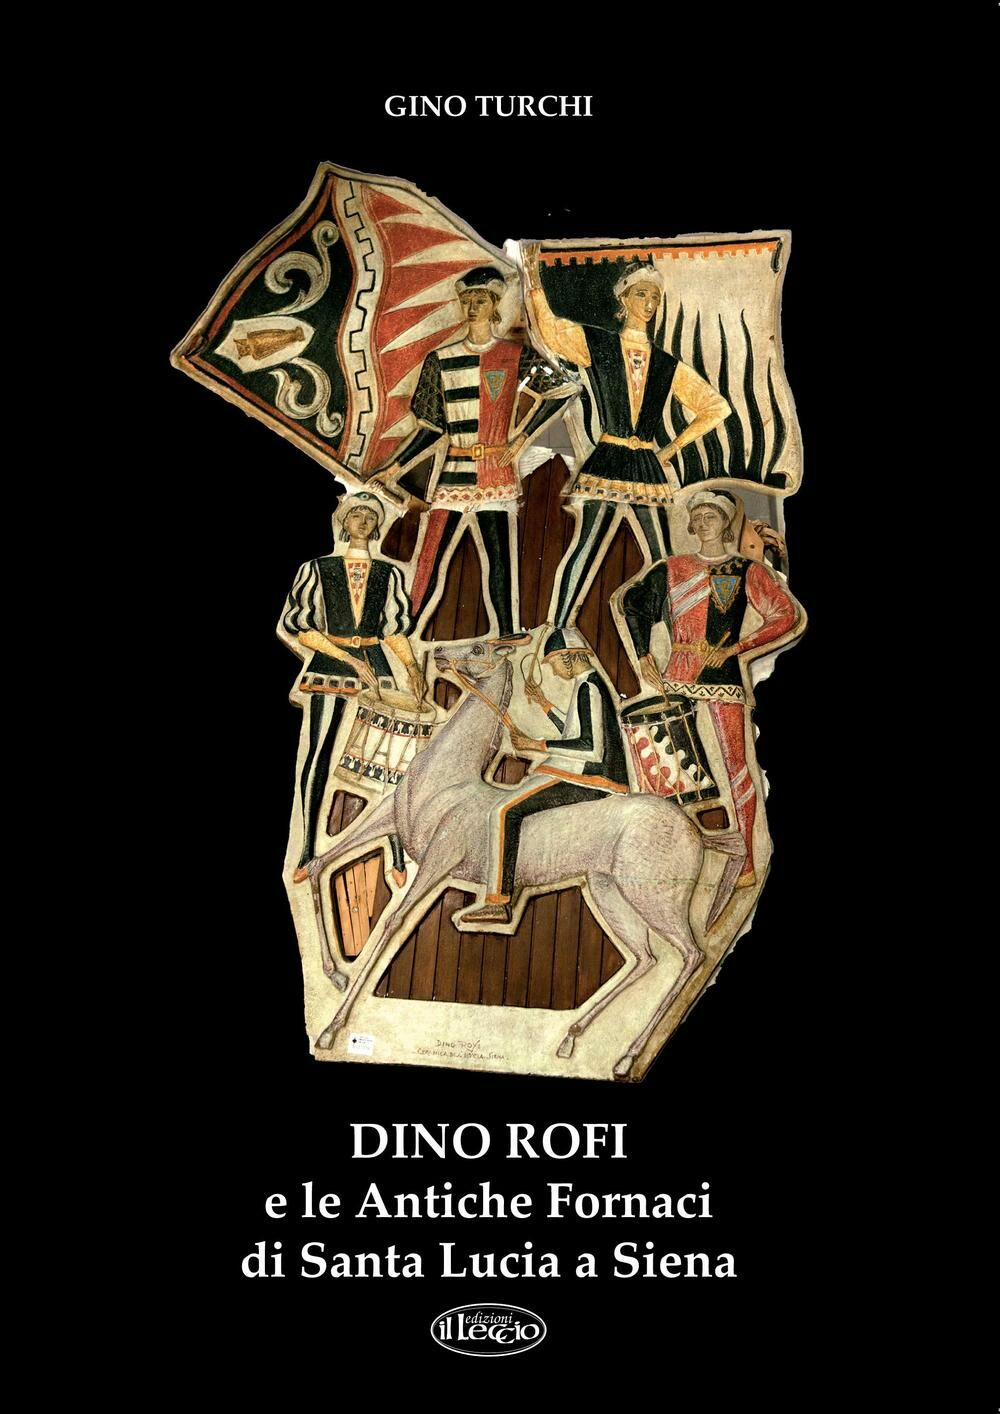 Dino Rofi e le antiche fornaci di Santa Lucia a Siena